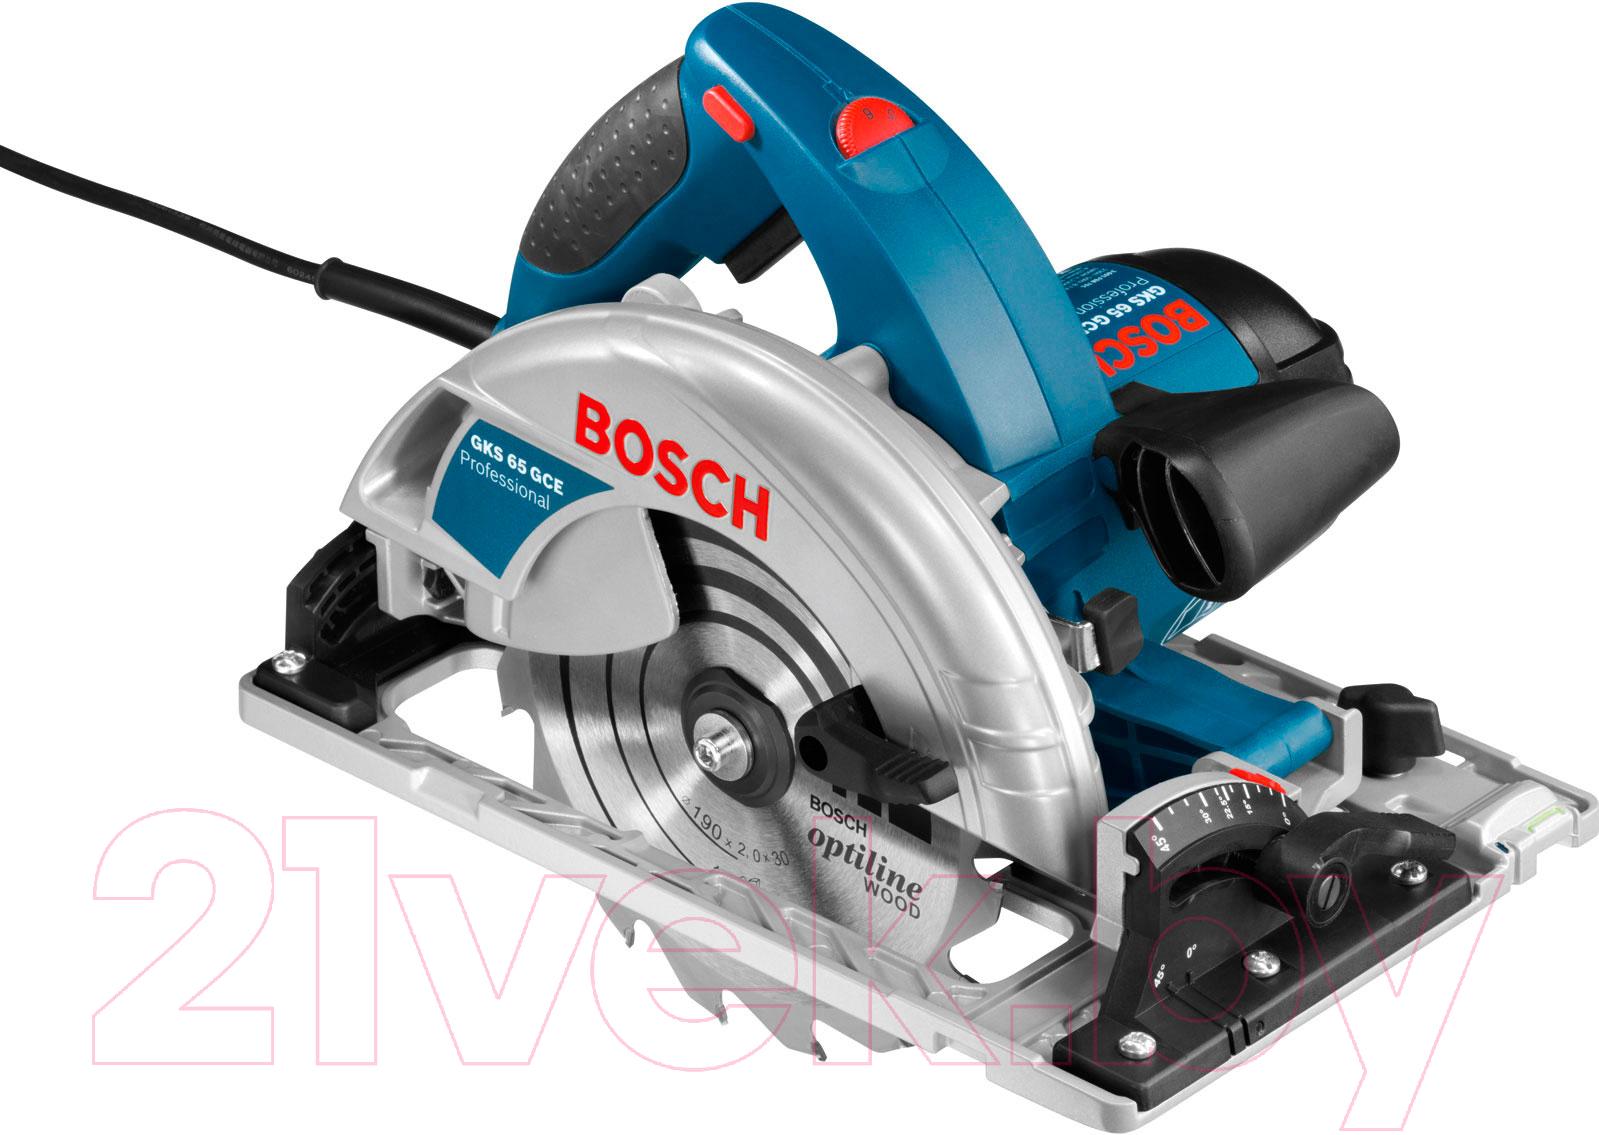 Купить Профессиональная дисковая пила Bosch, GKS 65 GCE Professional (0.601.668.901), Китай